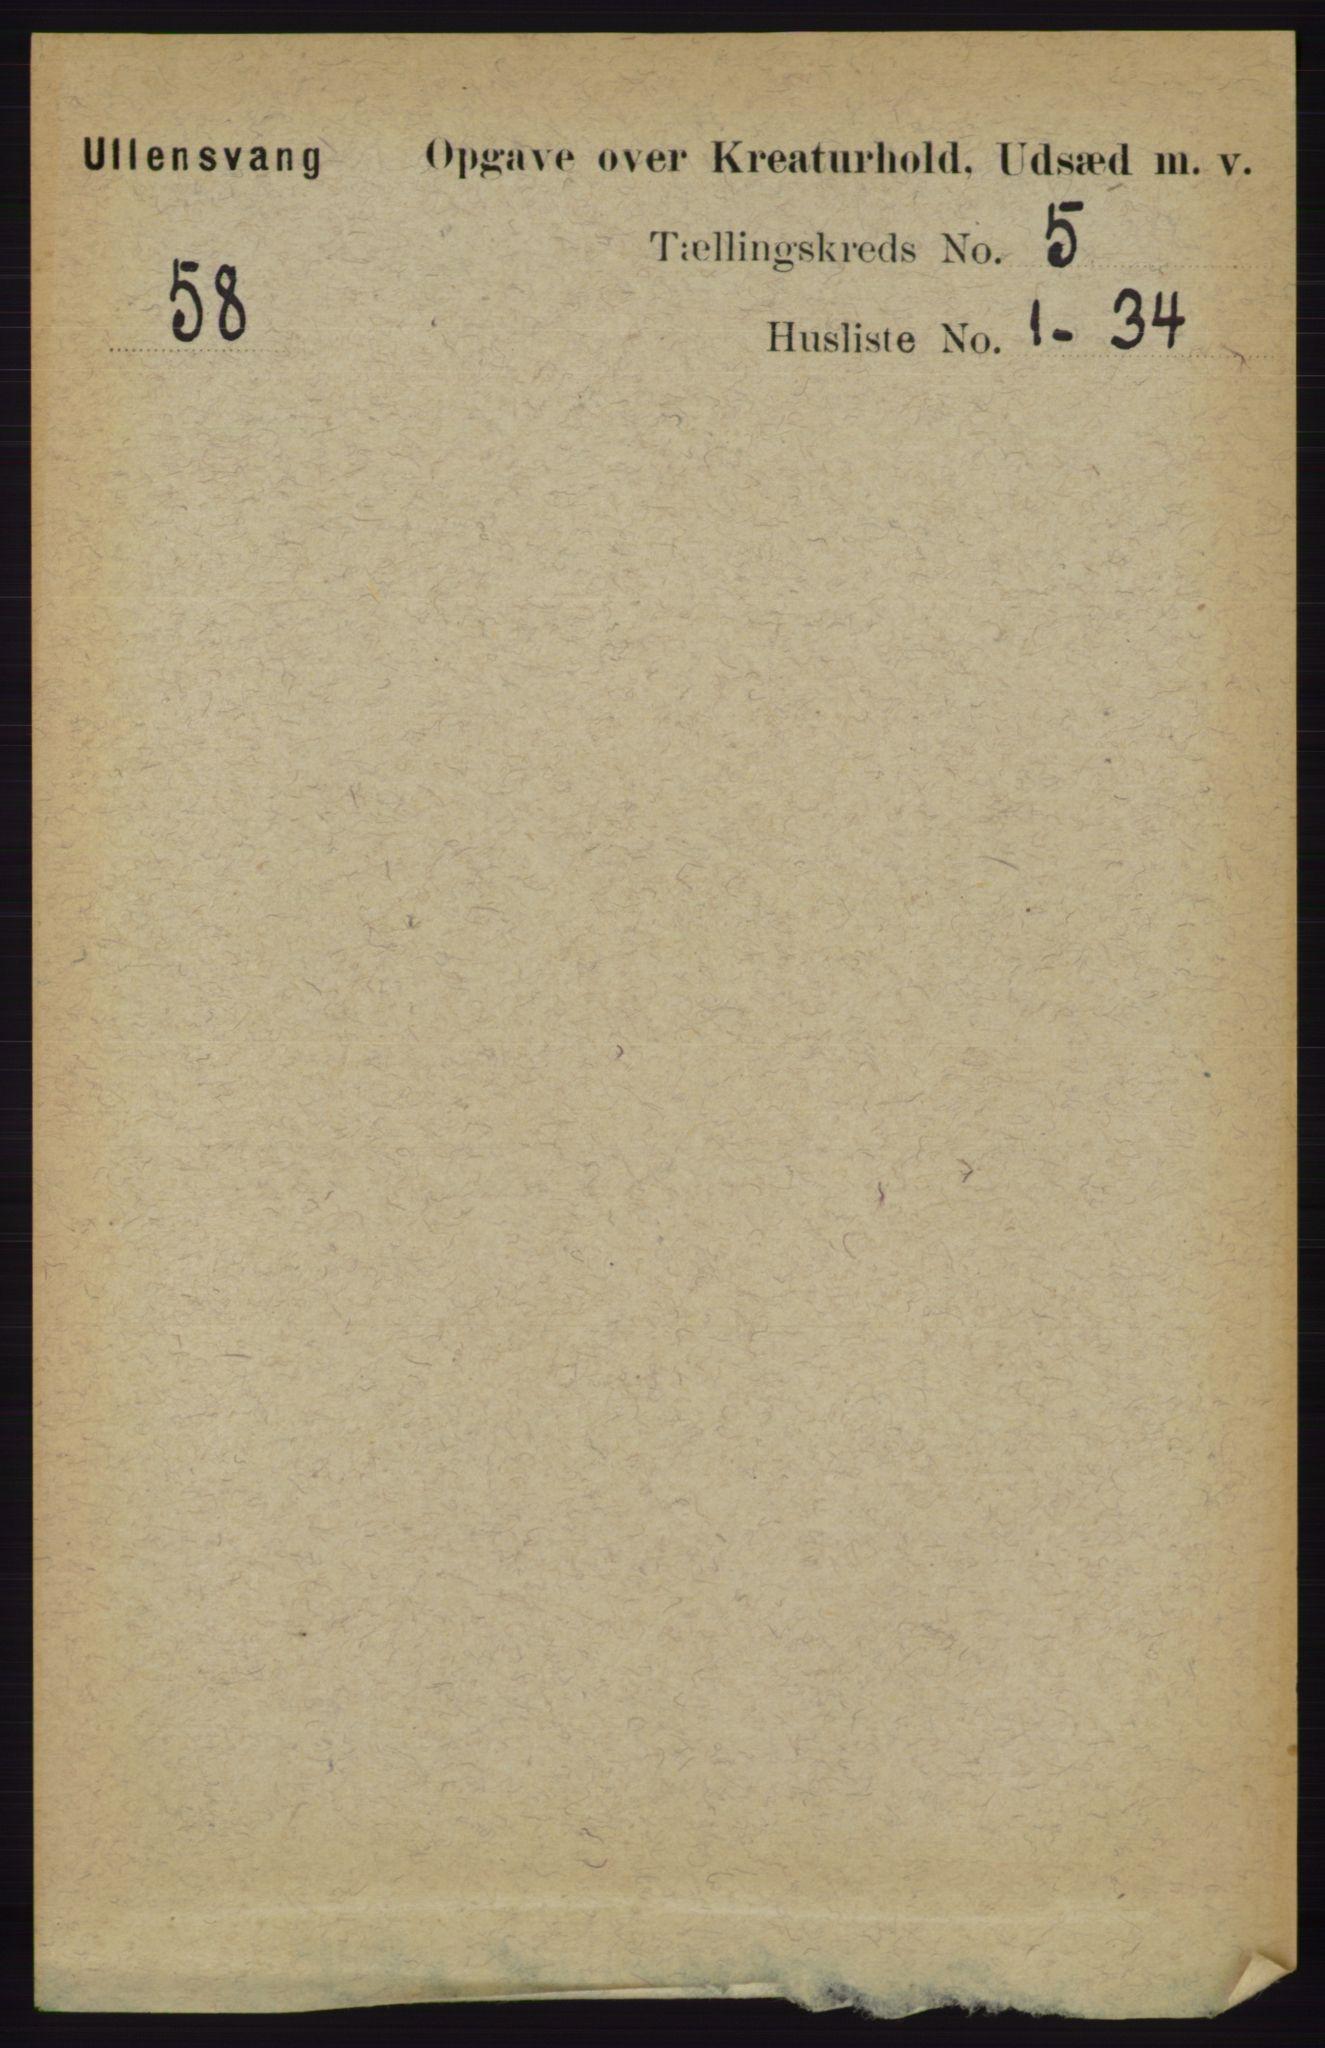 RA, Folketelling 1891 for 1230 Ullensvang herred, 1891, s. 7138